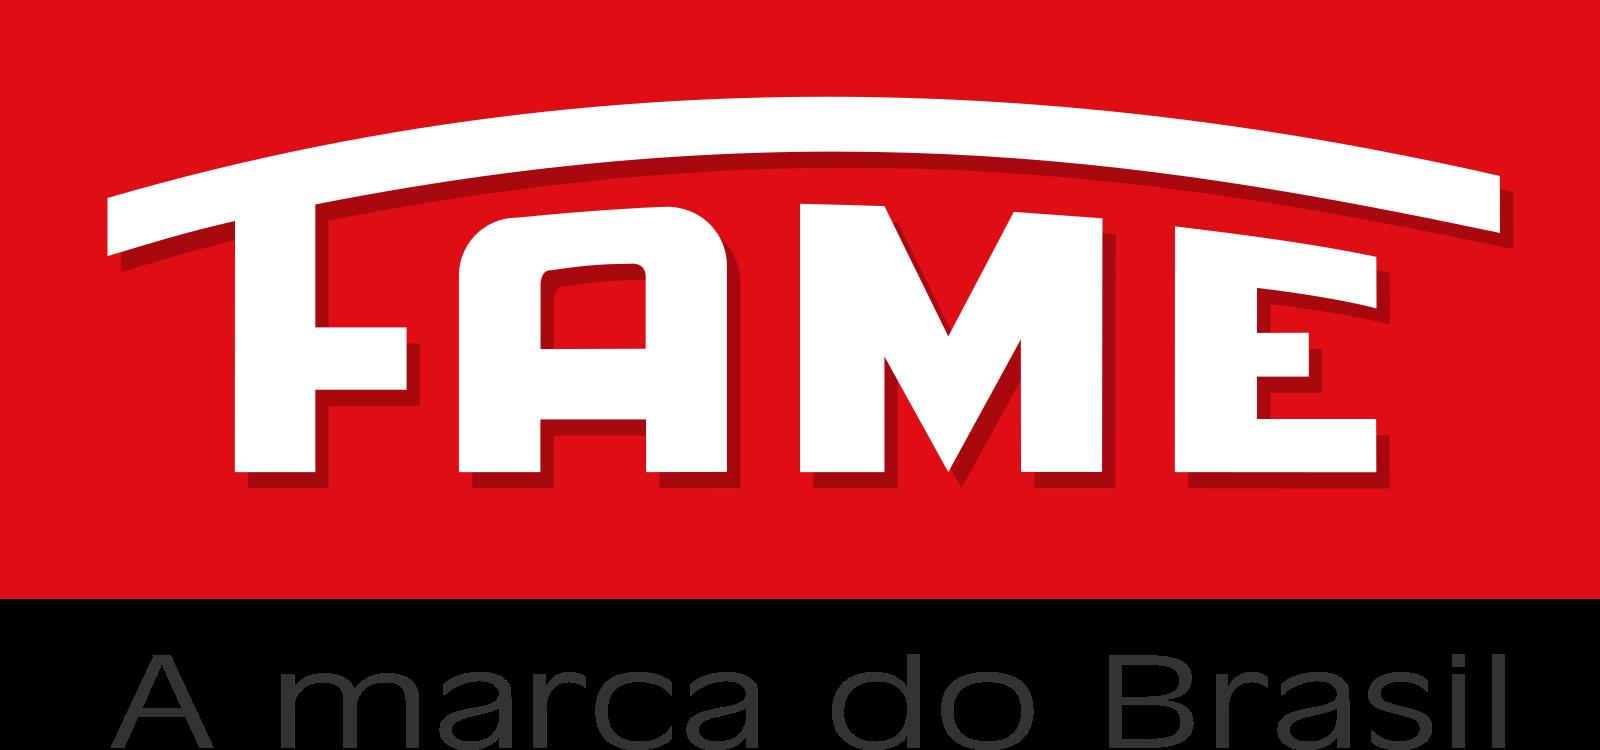 fame logo 4 - Fame Logo